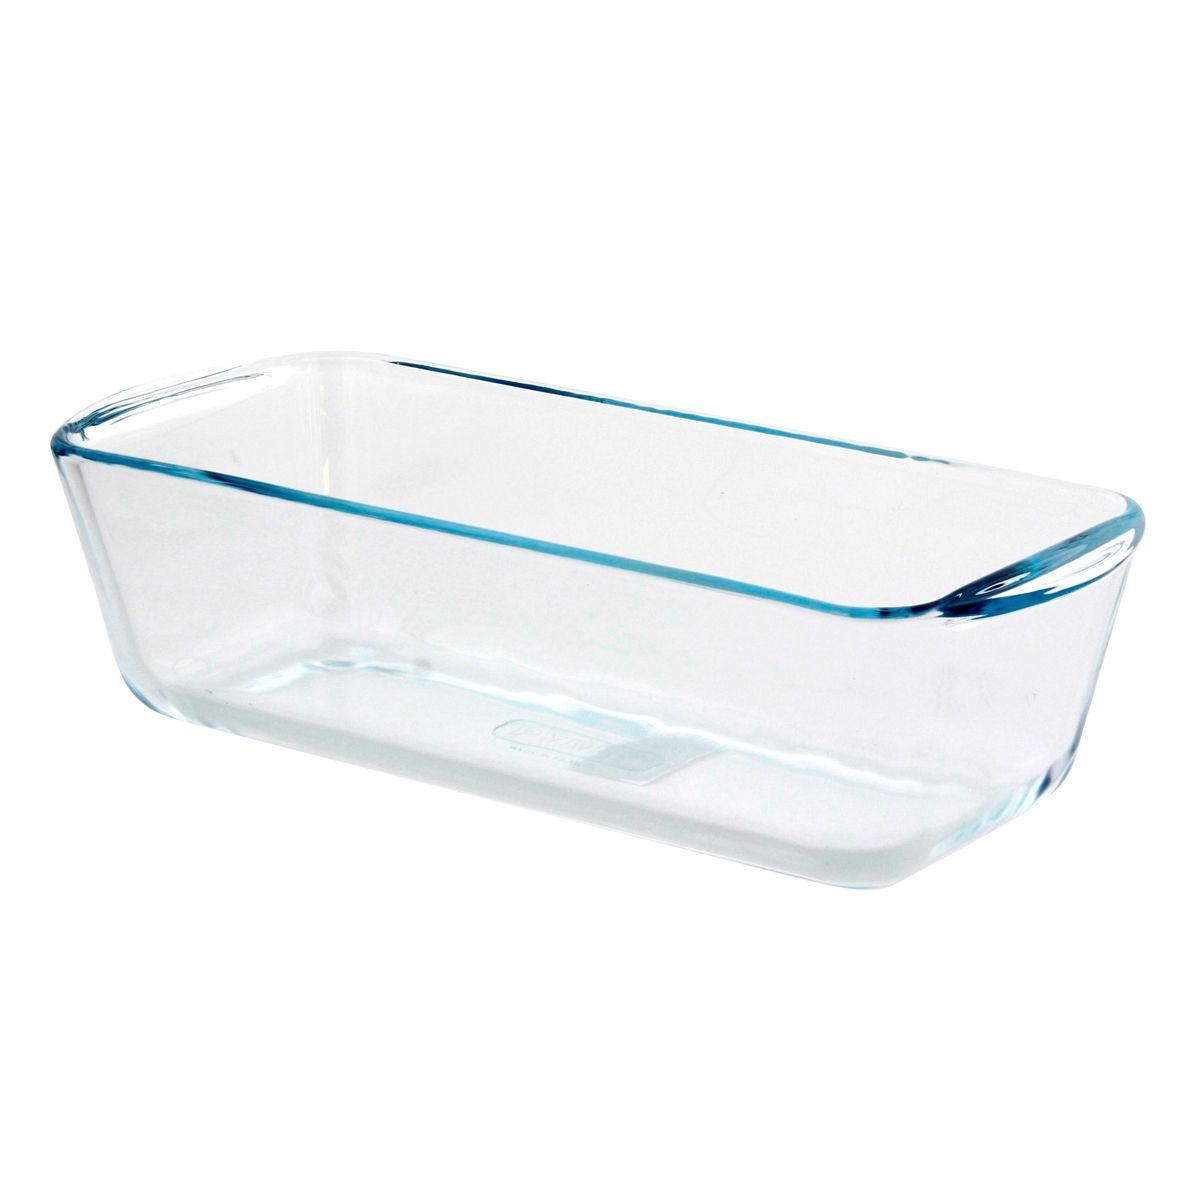 Moule à cake en verre transparent 28cm - Pyrex